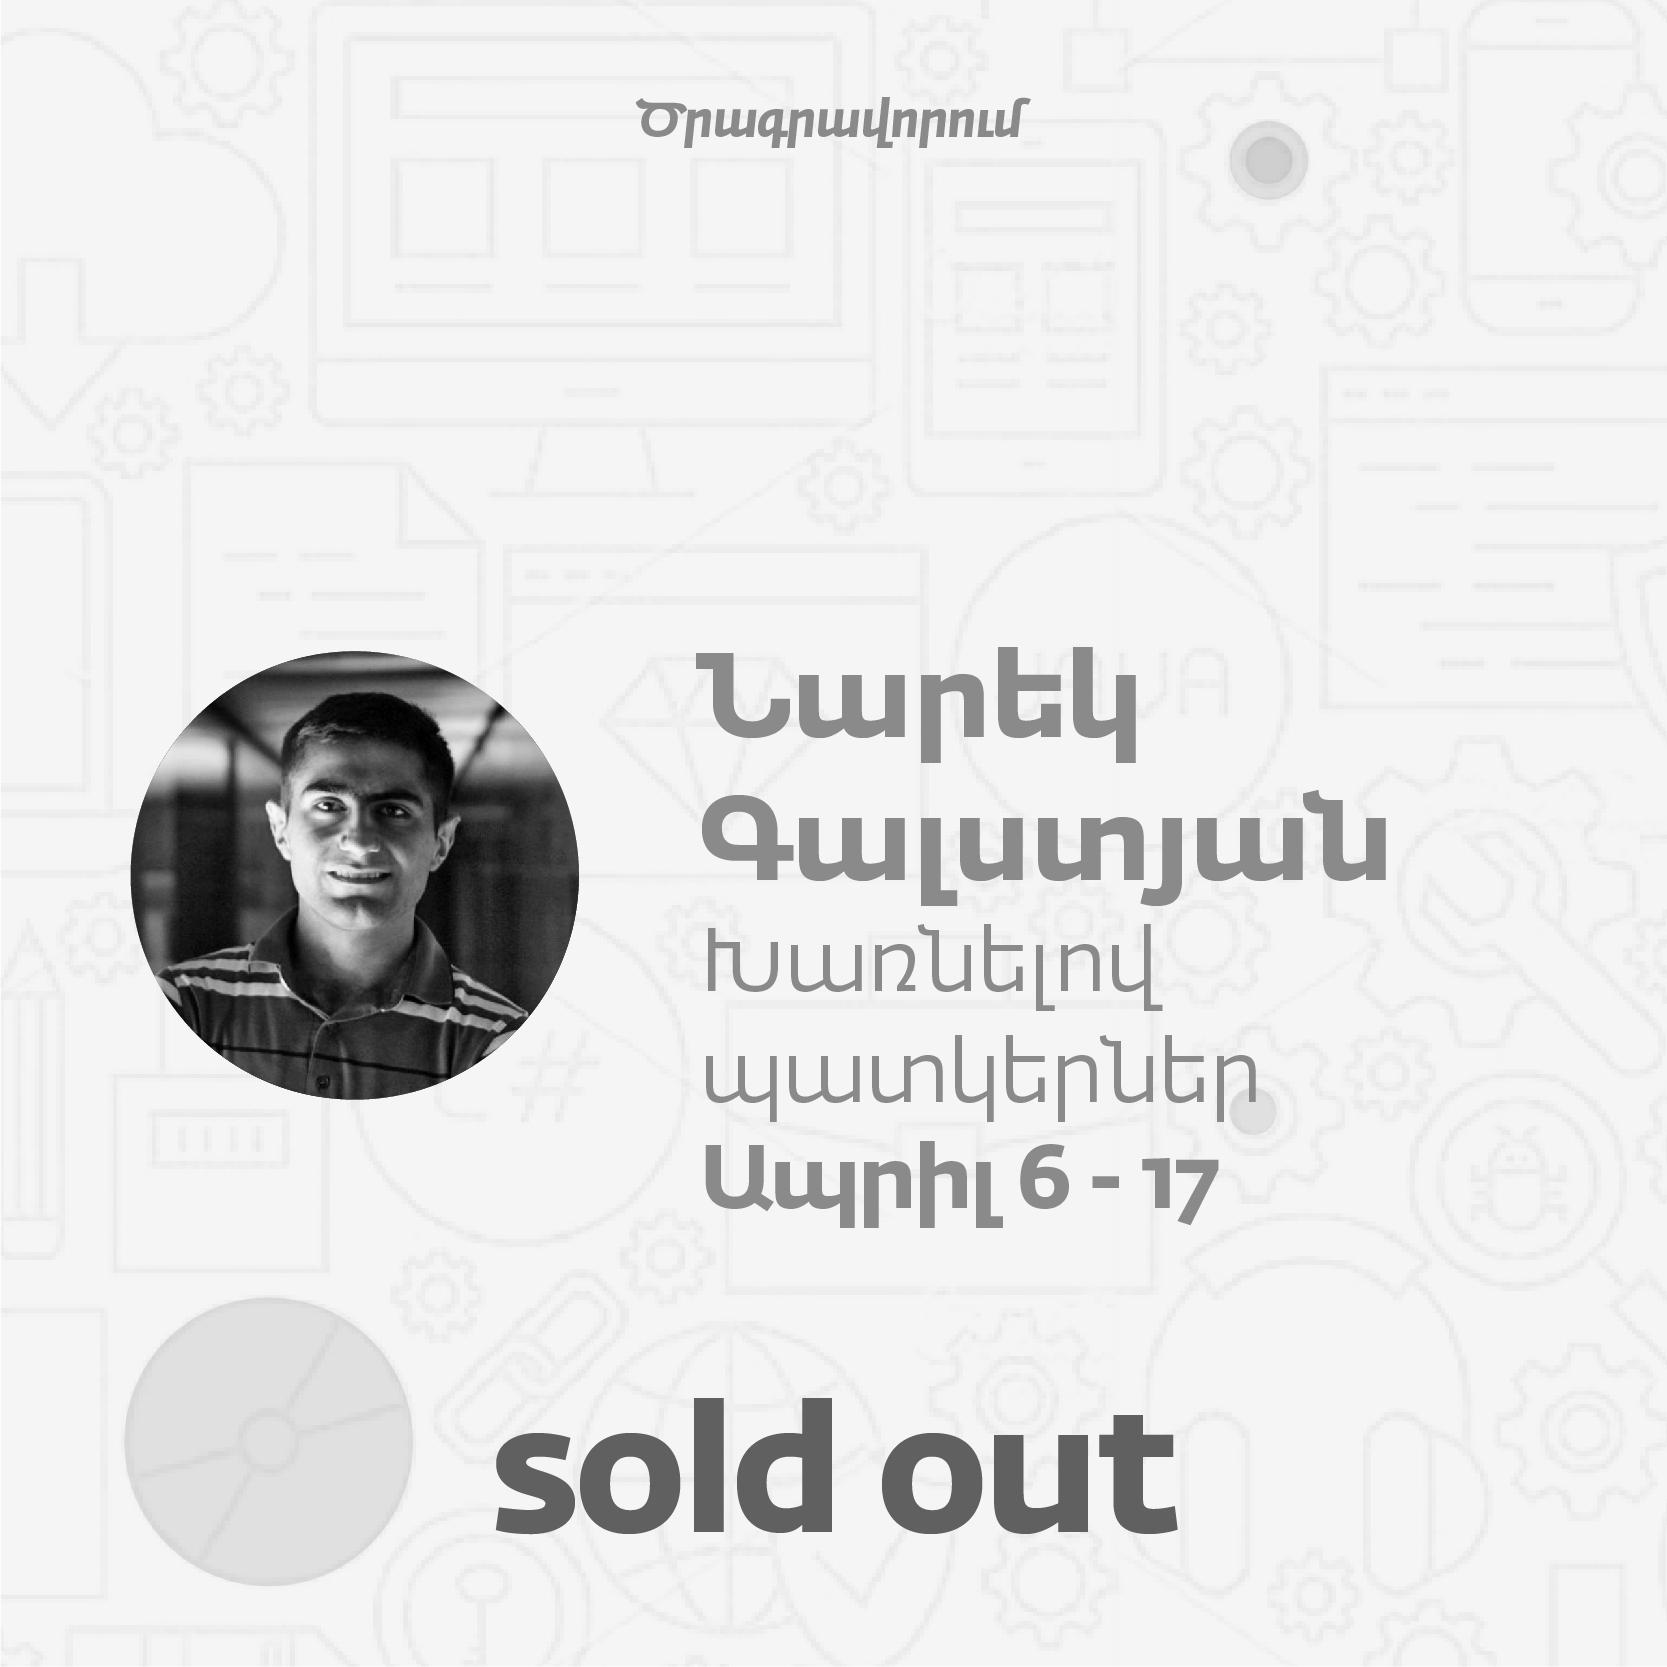 sold out 02 - «Գրավիր ամառային դահլիճը» լոգո